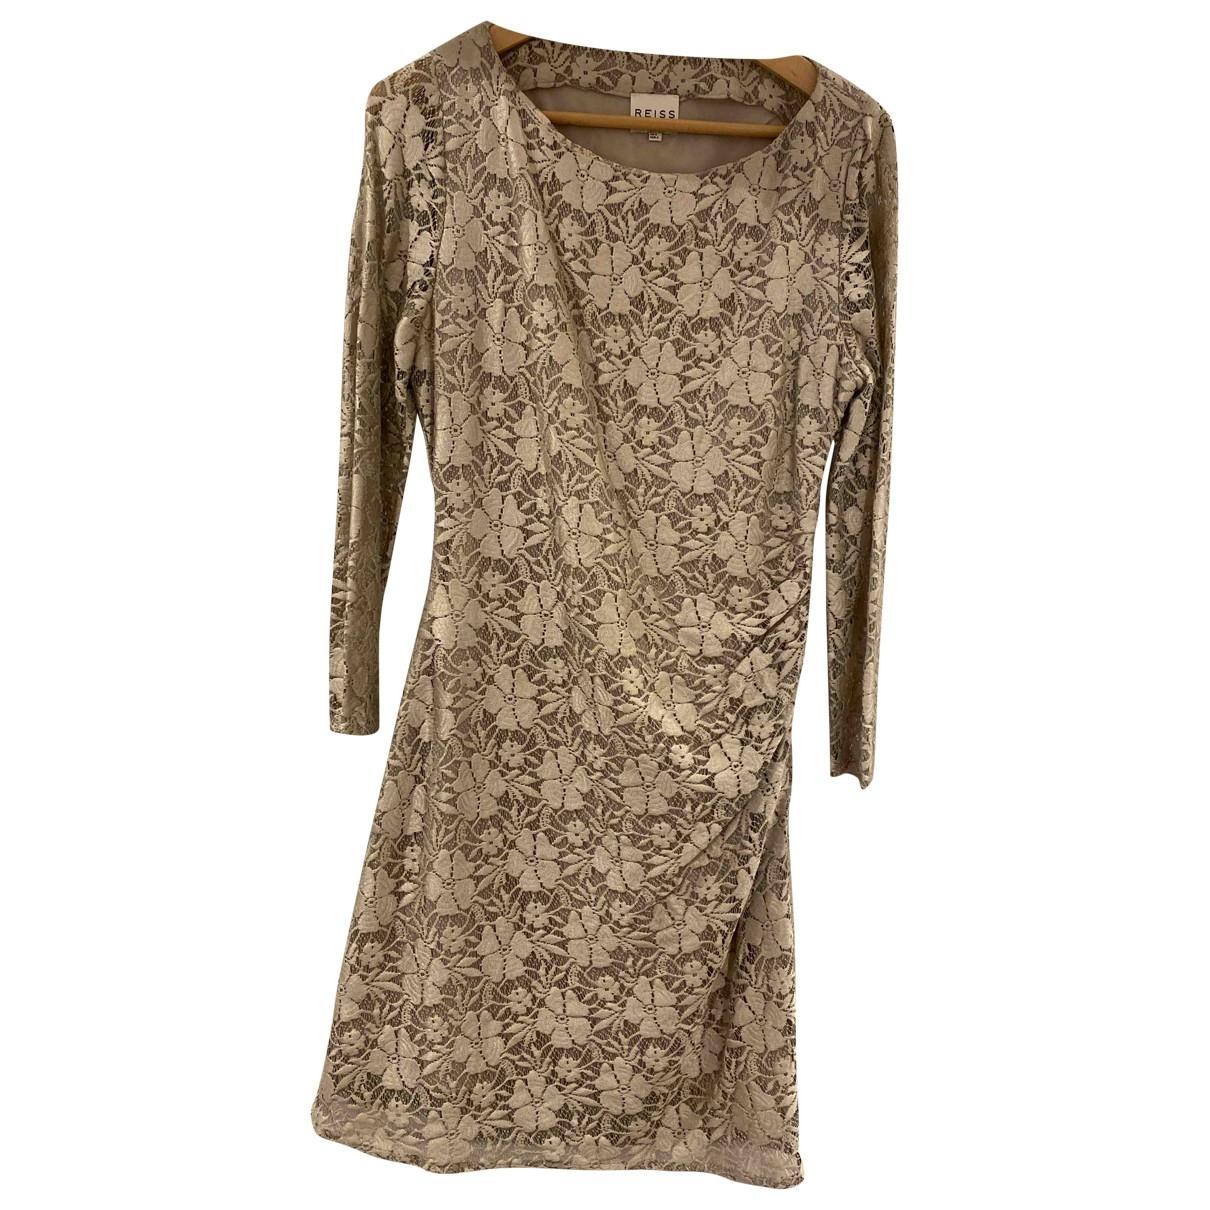 Reiss - Robe   pour femme en dentelle - beige